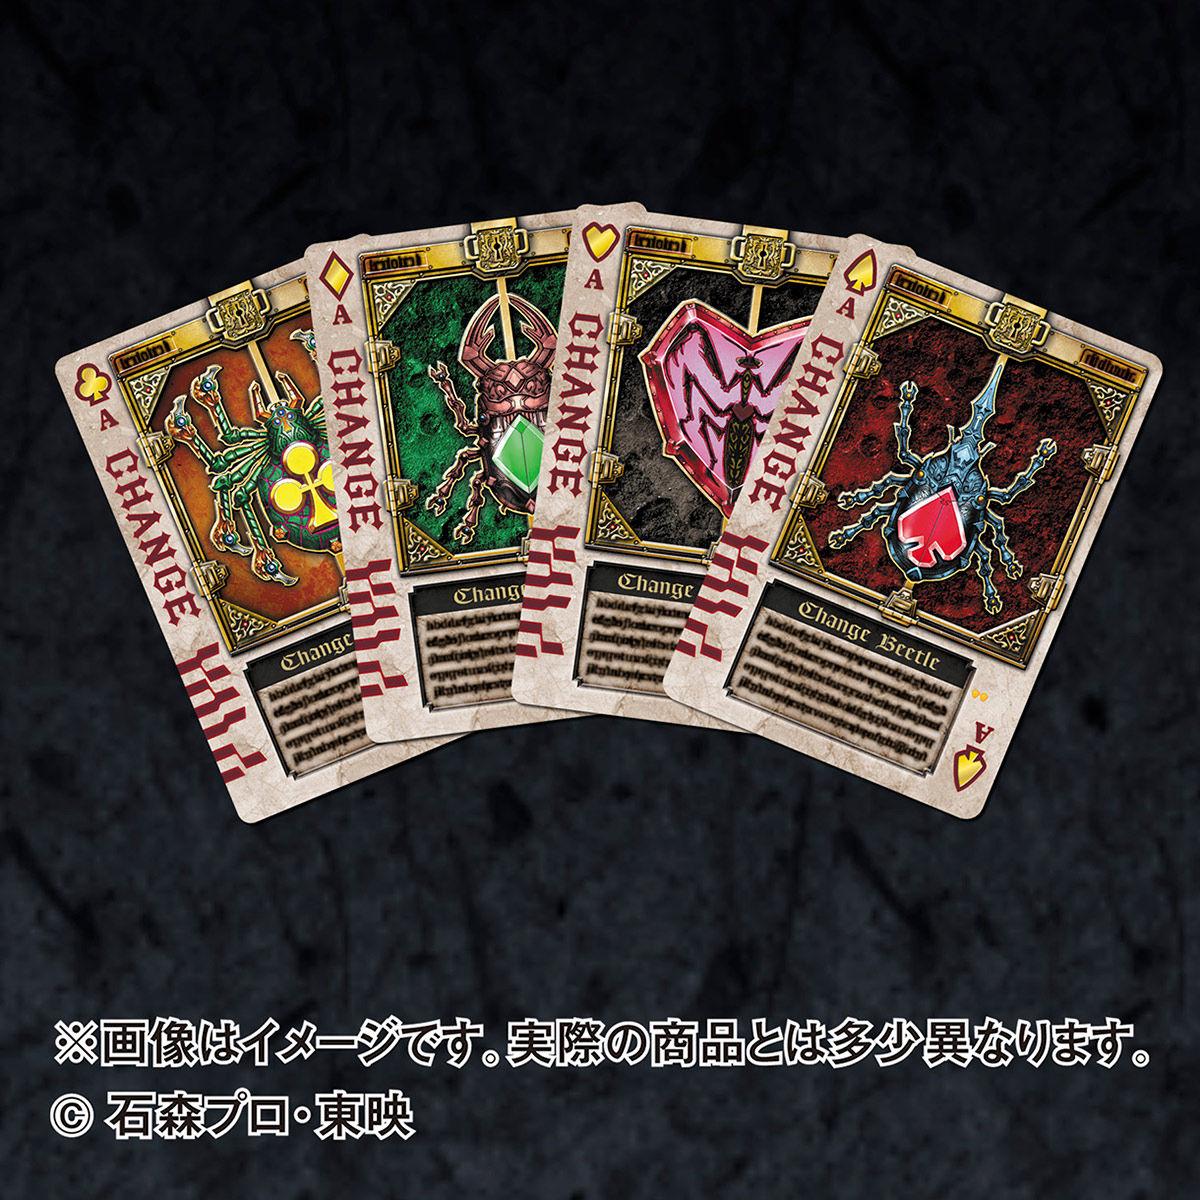 仮面ライダー剣『ラウズカードアーカイブス BOARD COLLECTION』カード-002